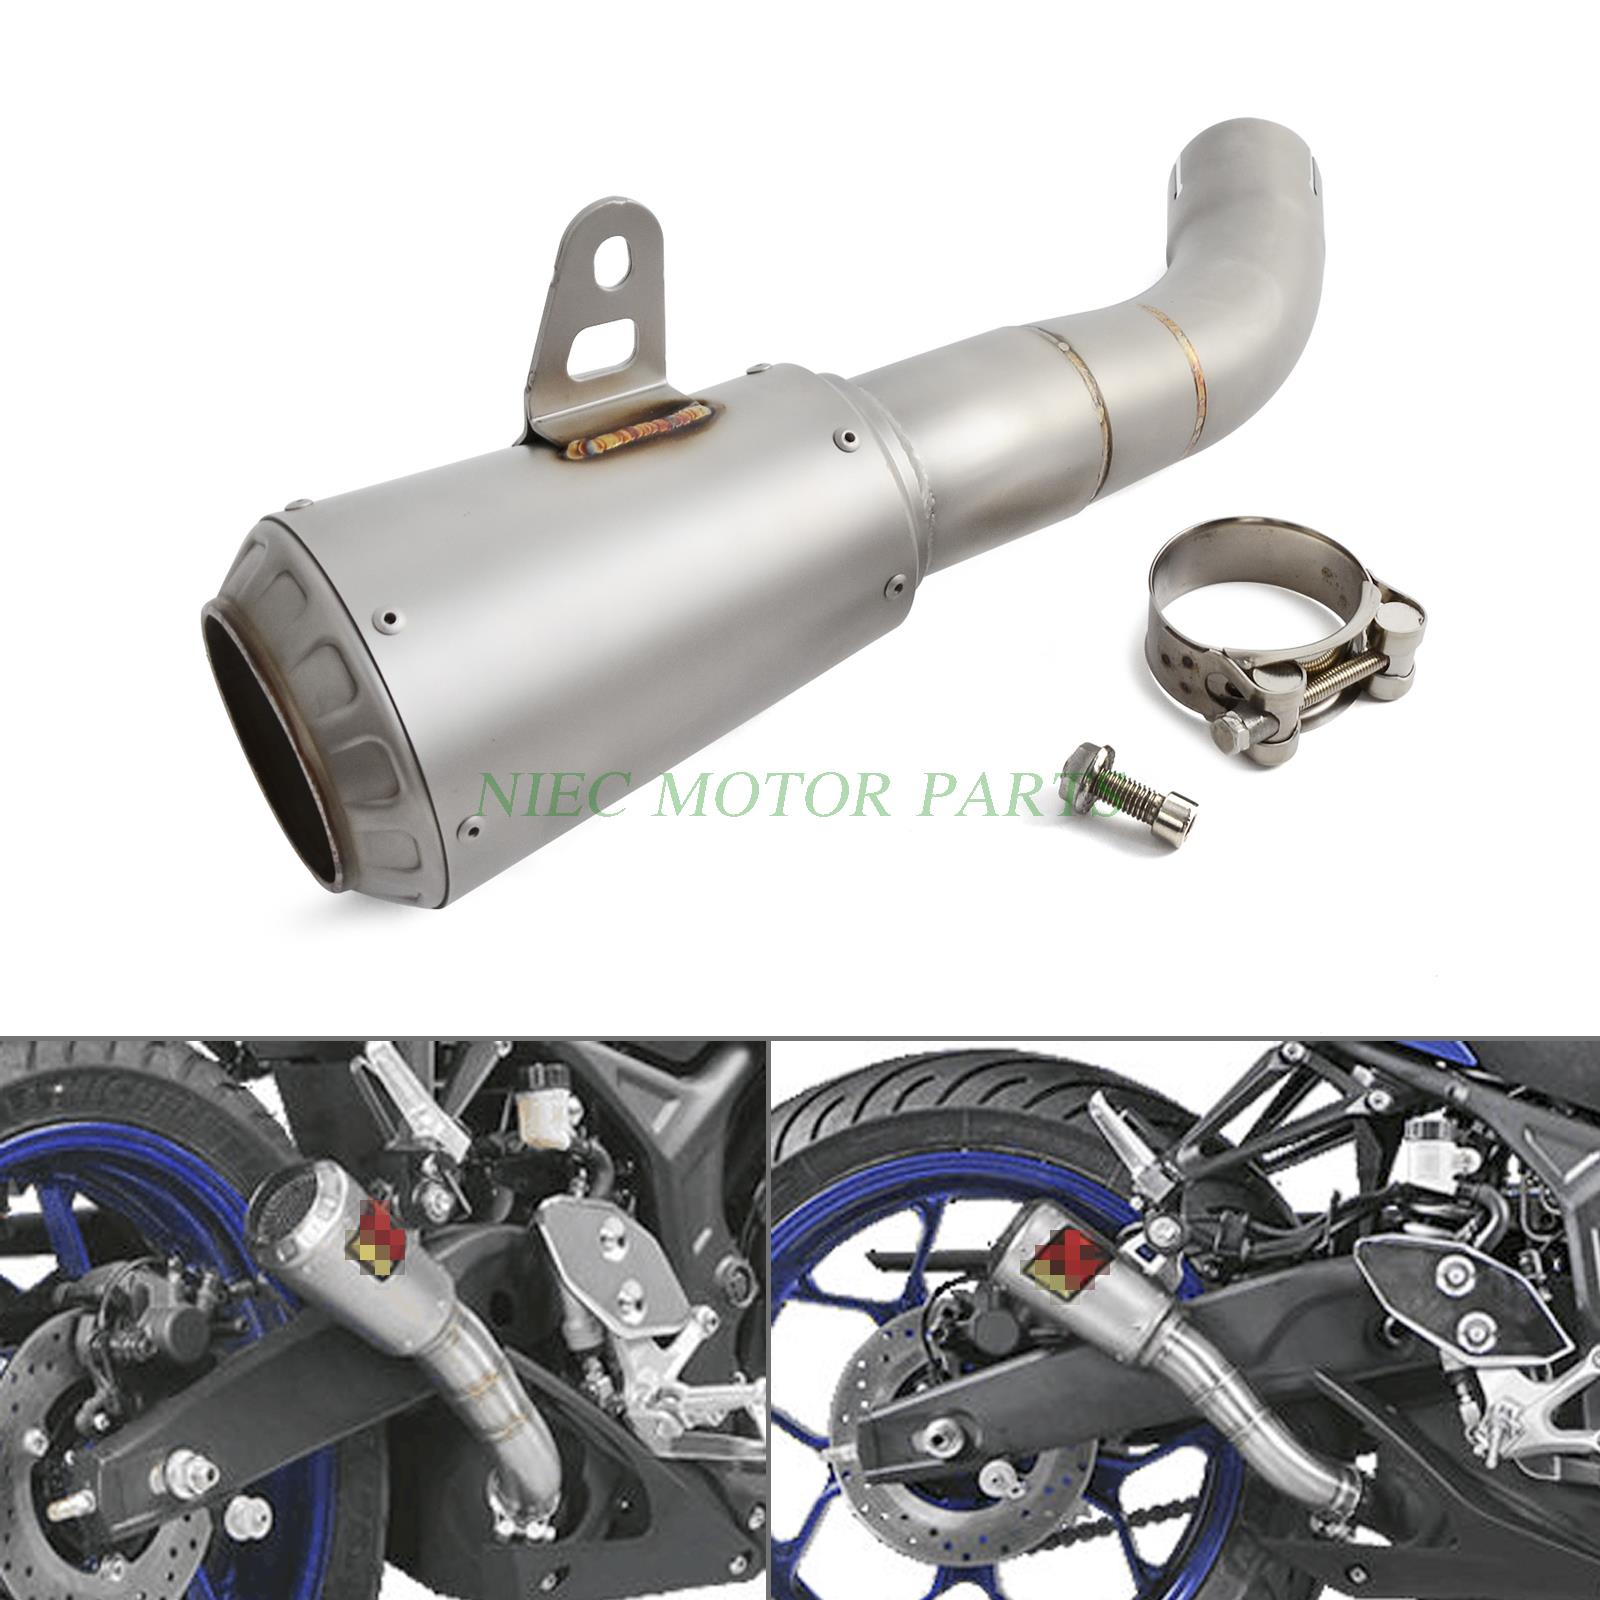 Мотоцикл Выскальзование нержавеющей стали на выхлопной с-Y2SO11-AHCSS для Ямаха YZF R3 с Р25 2015-2016 2017